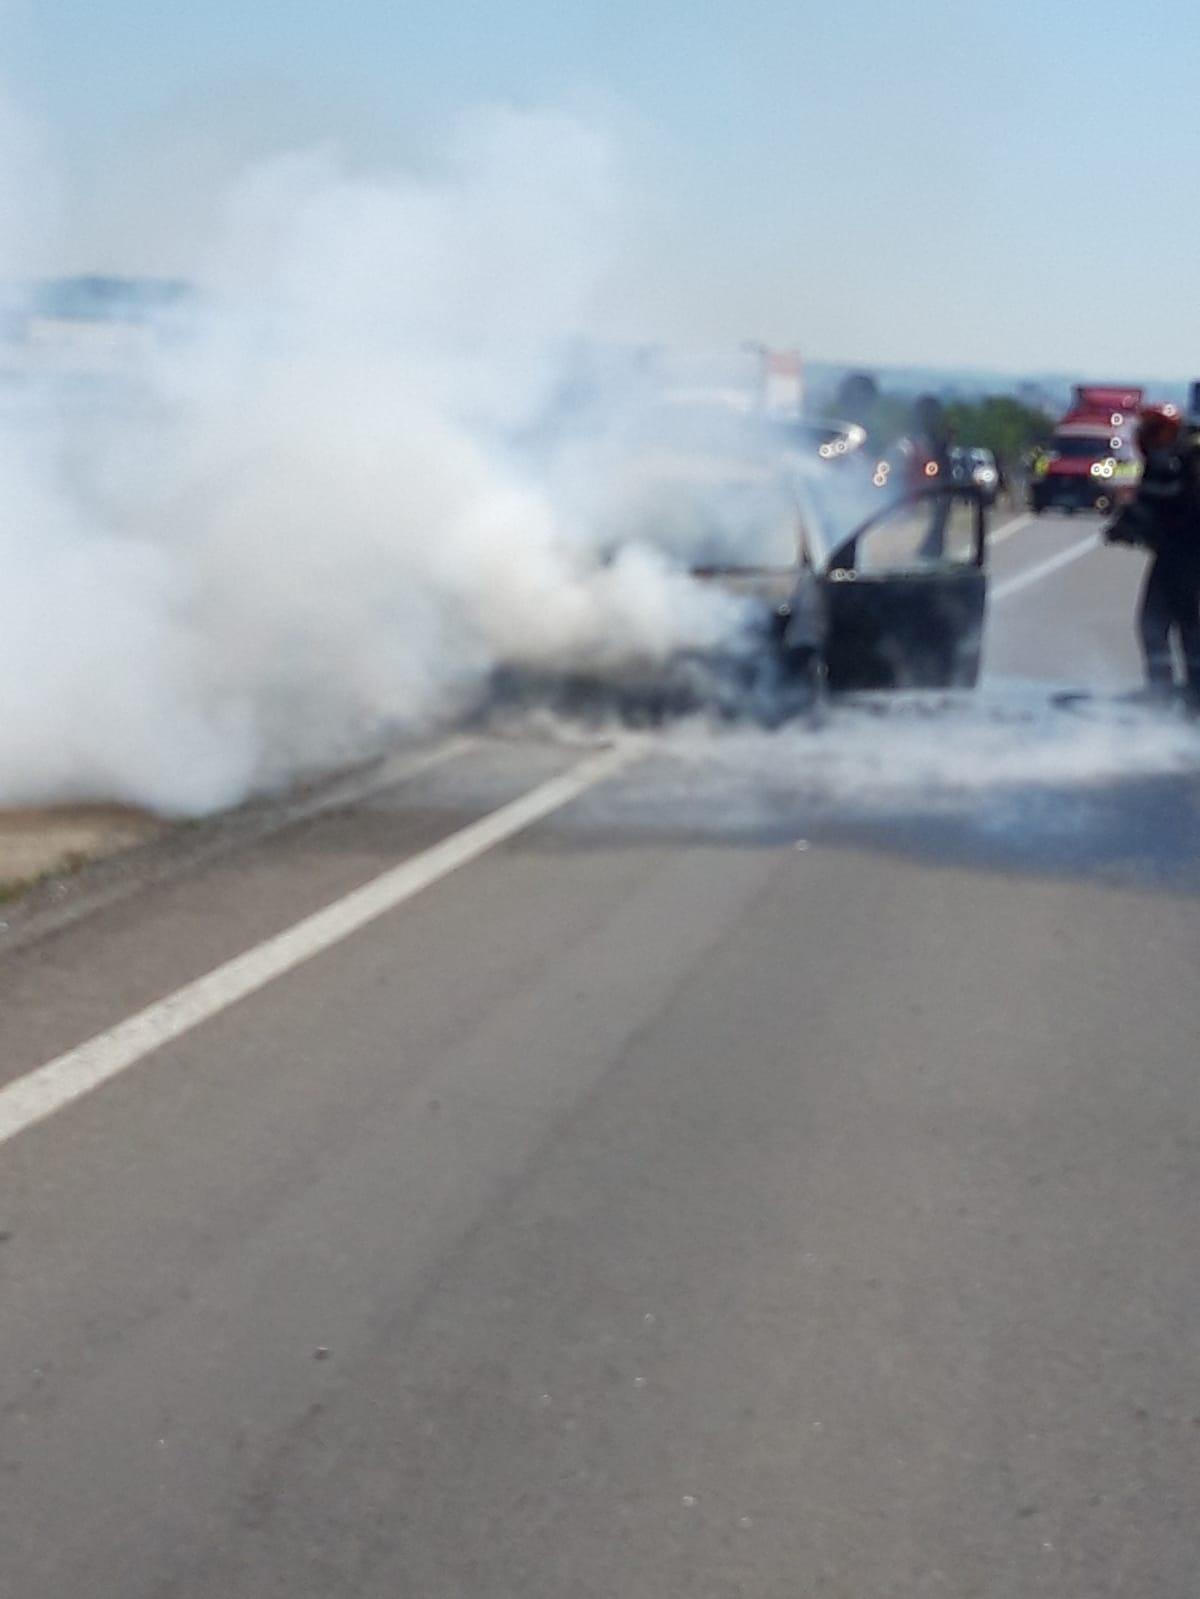 Un autoturism a luat foc în mers la intrare în localitatea Cristian